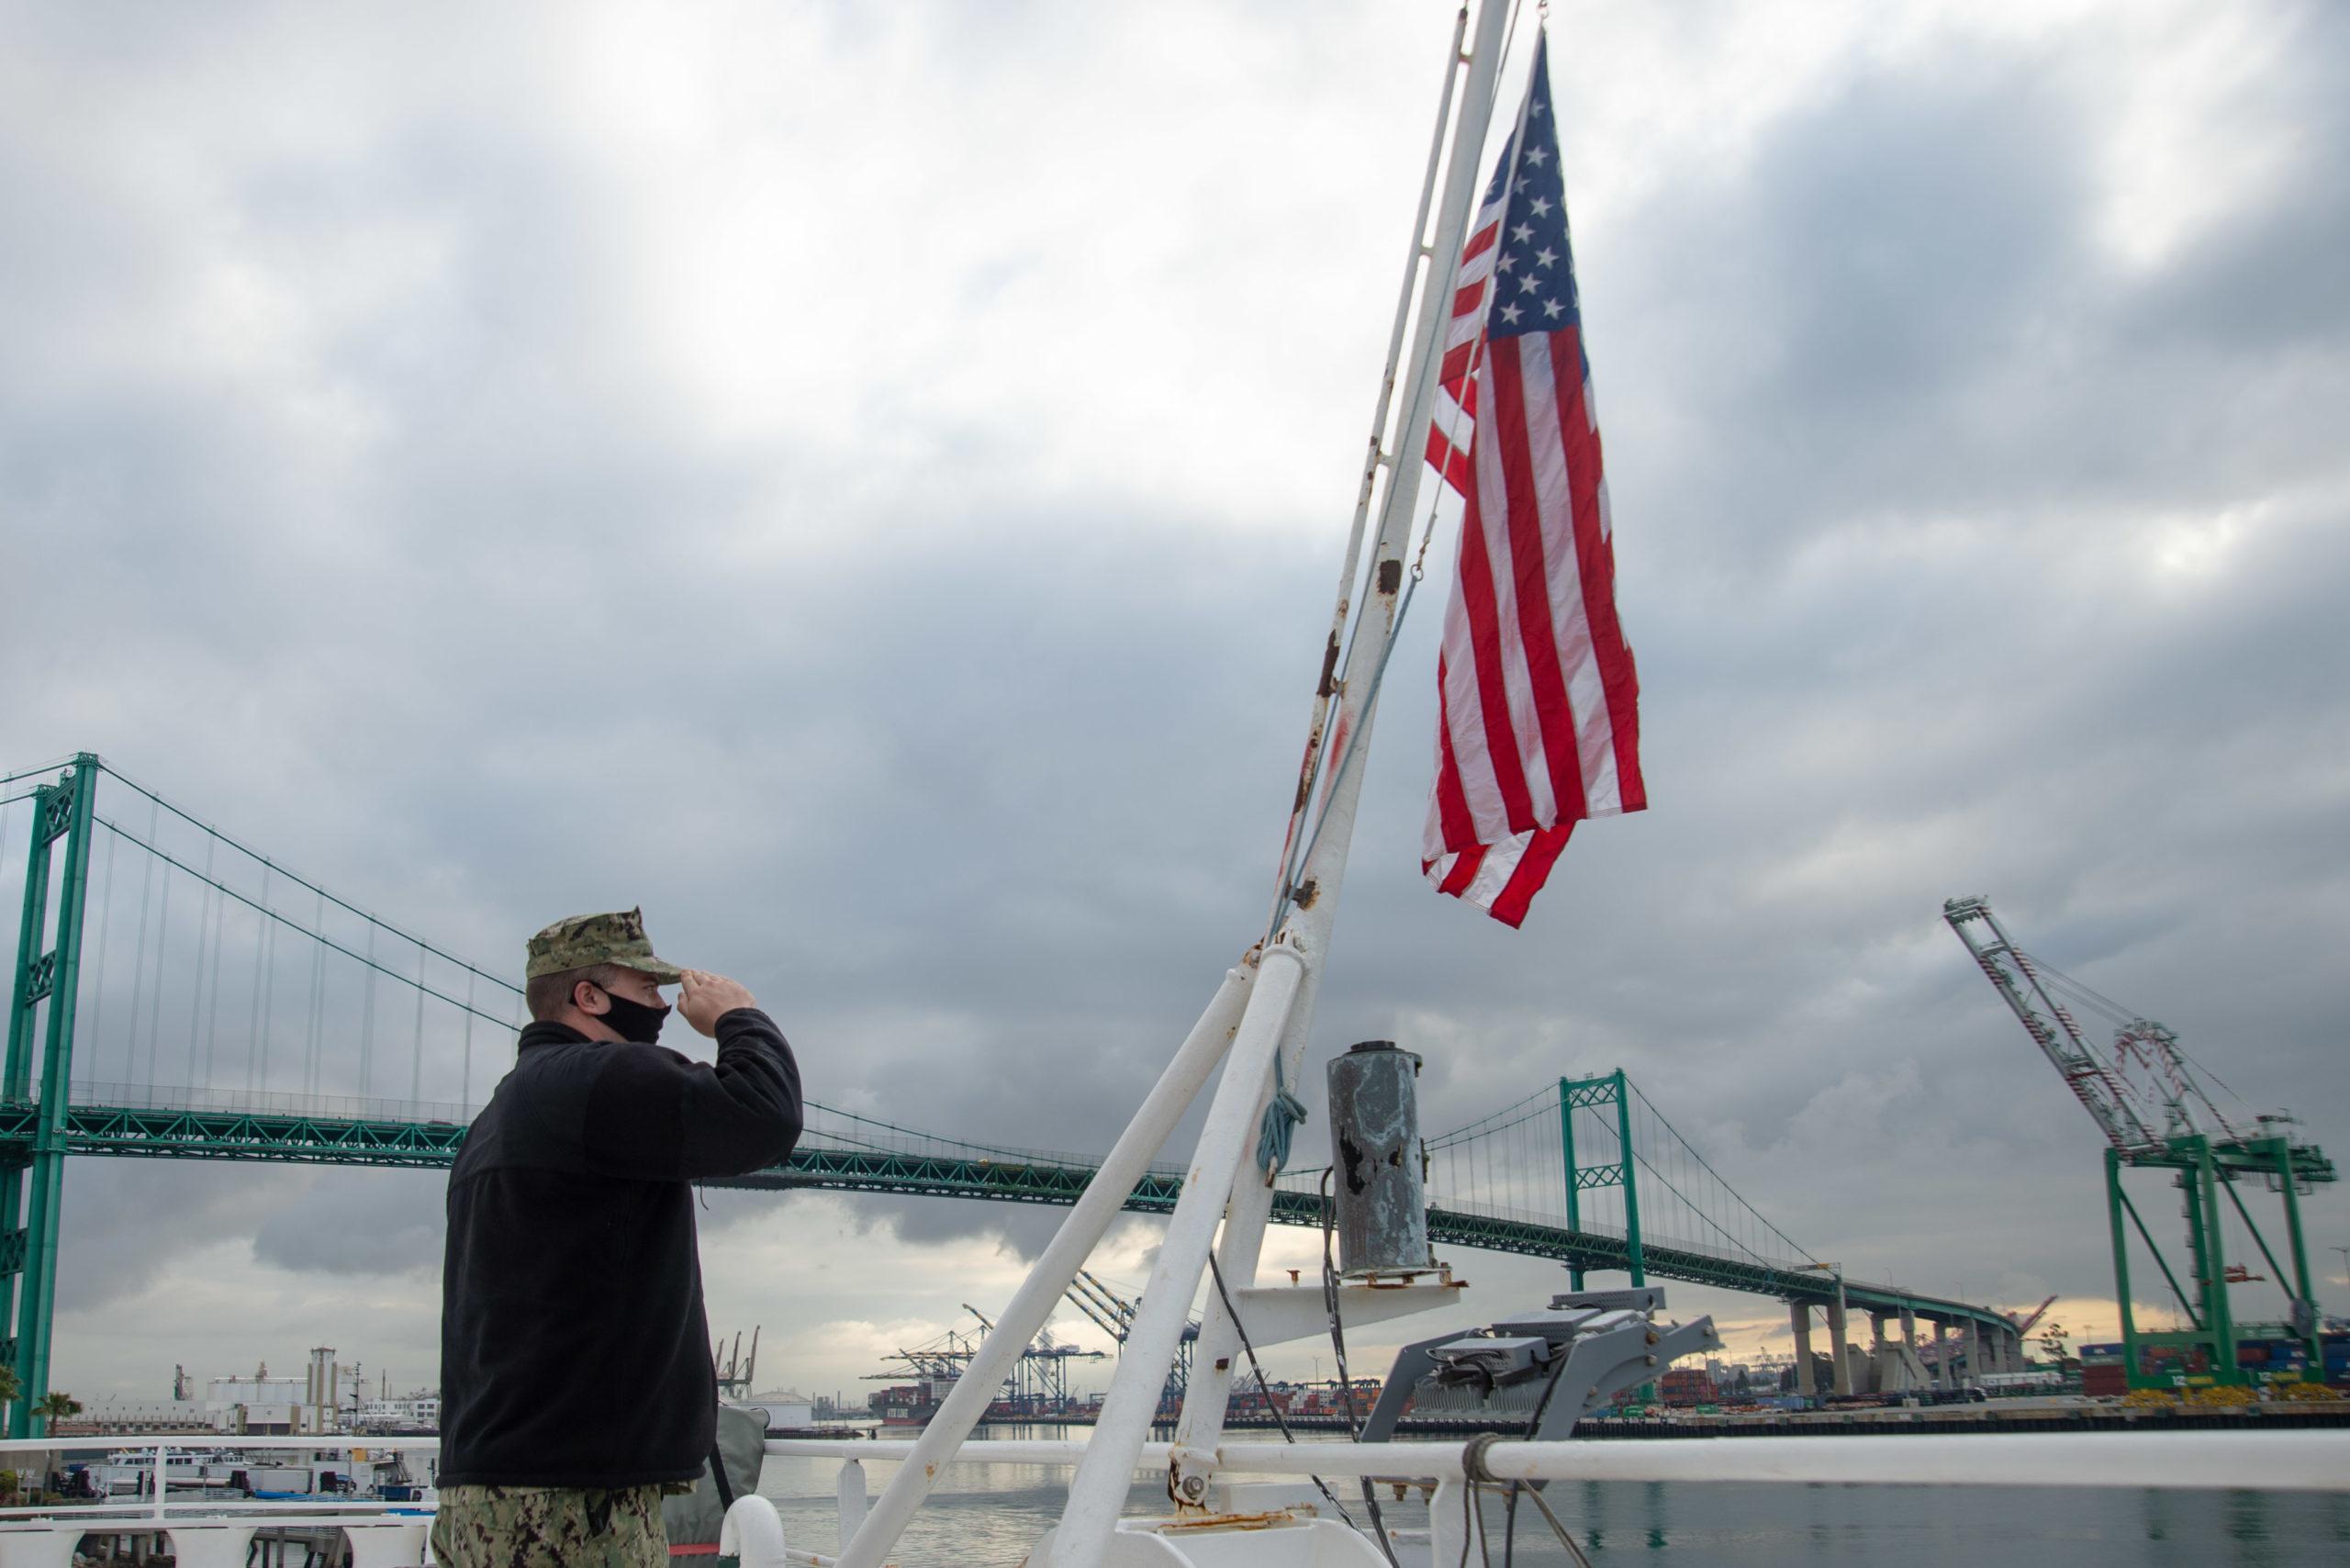 Sailor Renders Salute